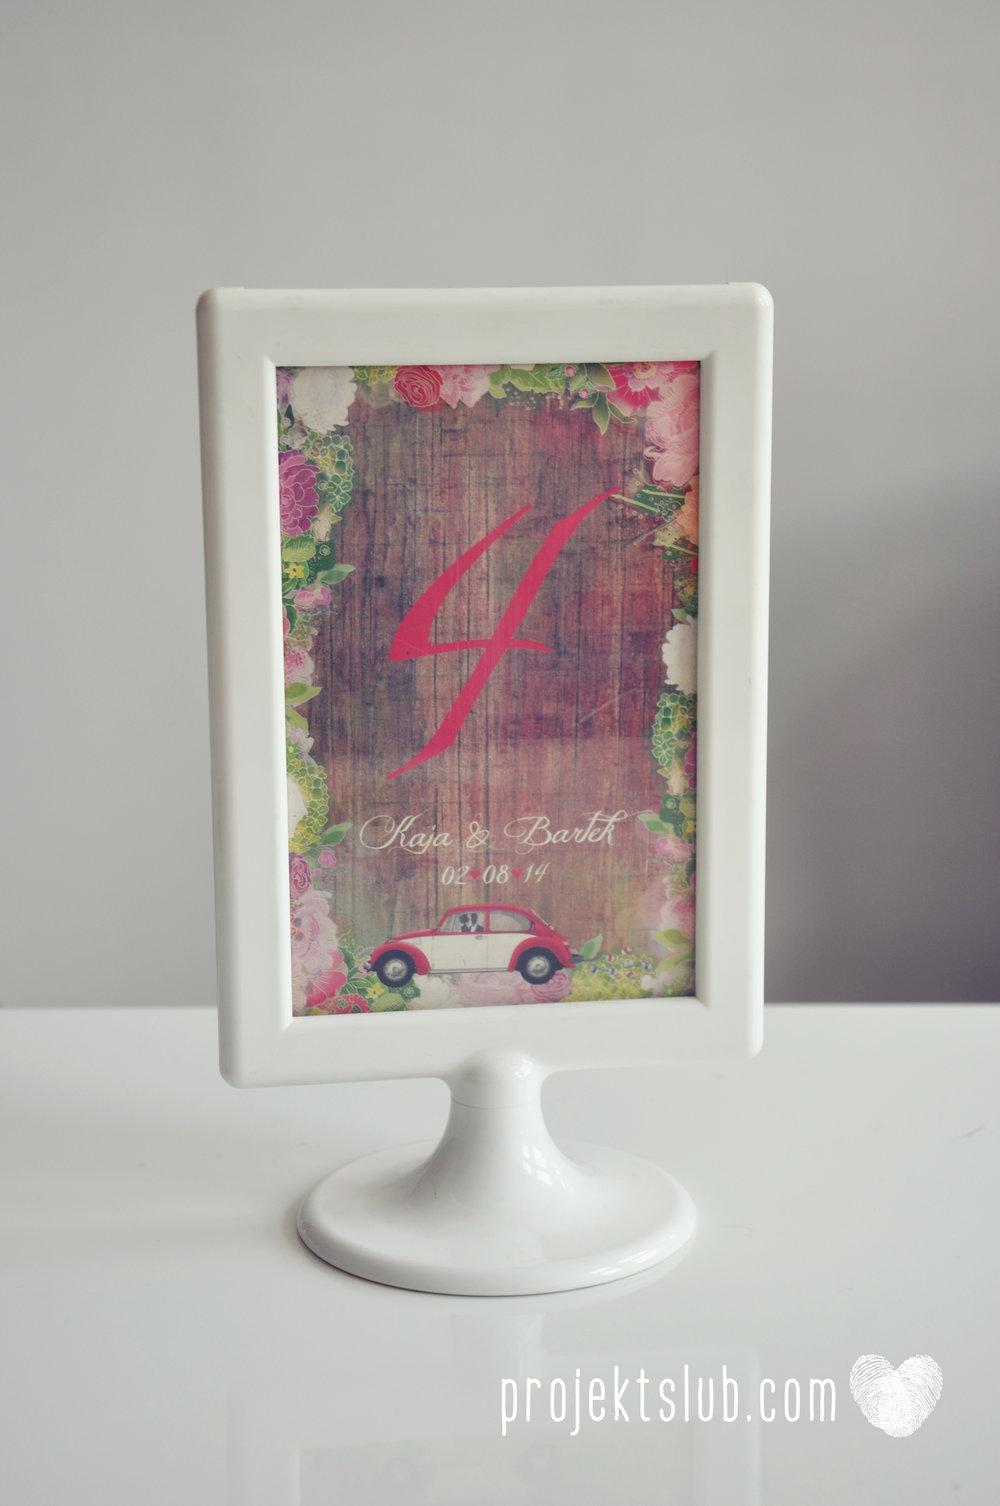 Zaproszenia Ślubne Boho Rustic Eko Oryginalne Wyjątkowe Rustykalne Sznurek Drewno Kwiaty Czerwony Garbus Projekt Ślub (19).jpg